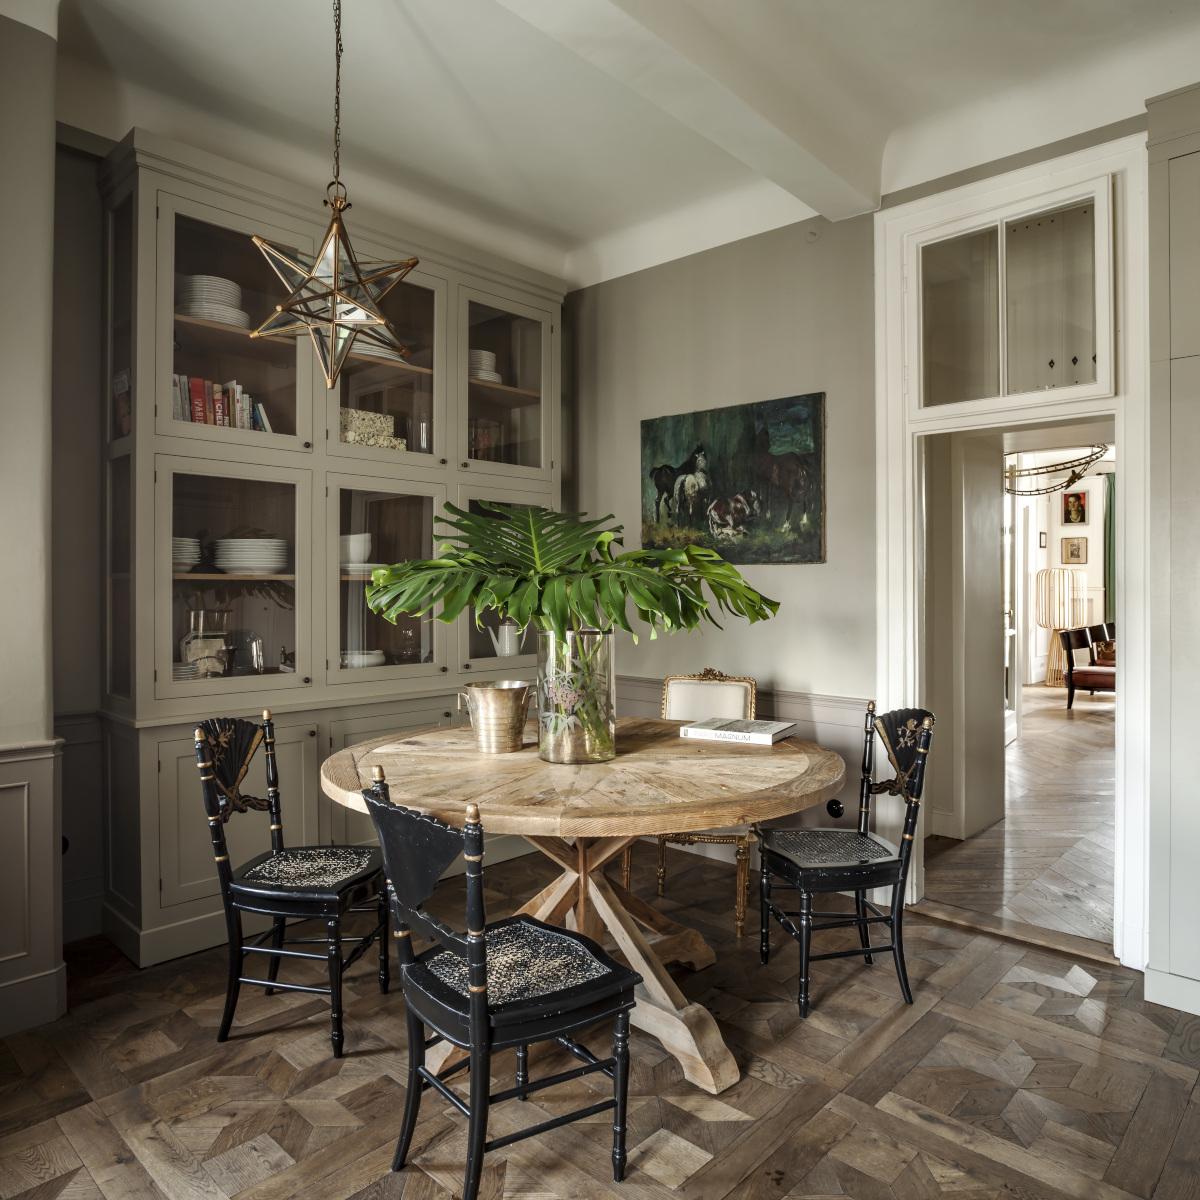 Meble z historią wzbogacają aranżację wnętrza, proj. Colombe Design